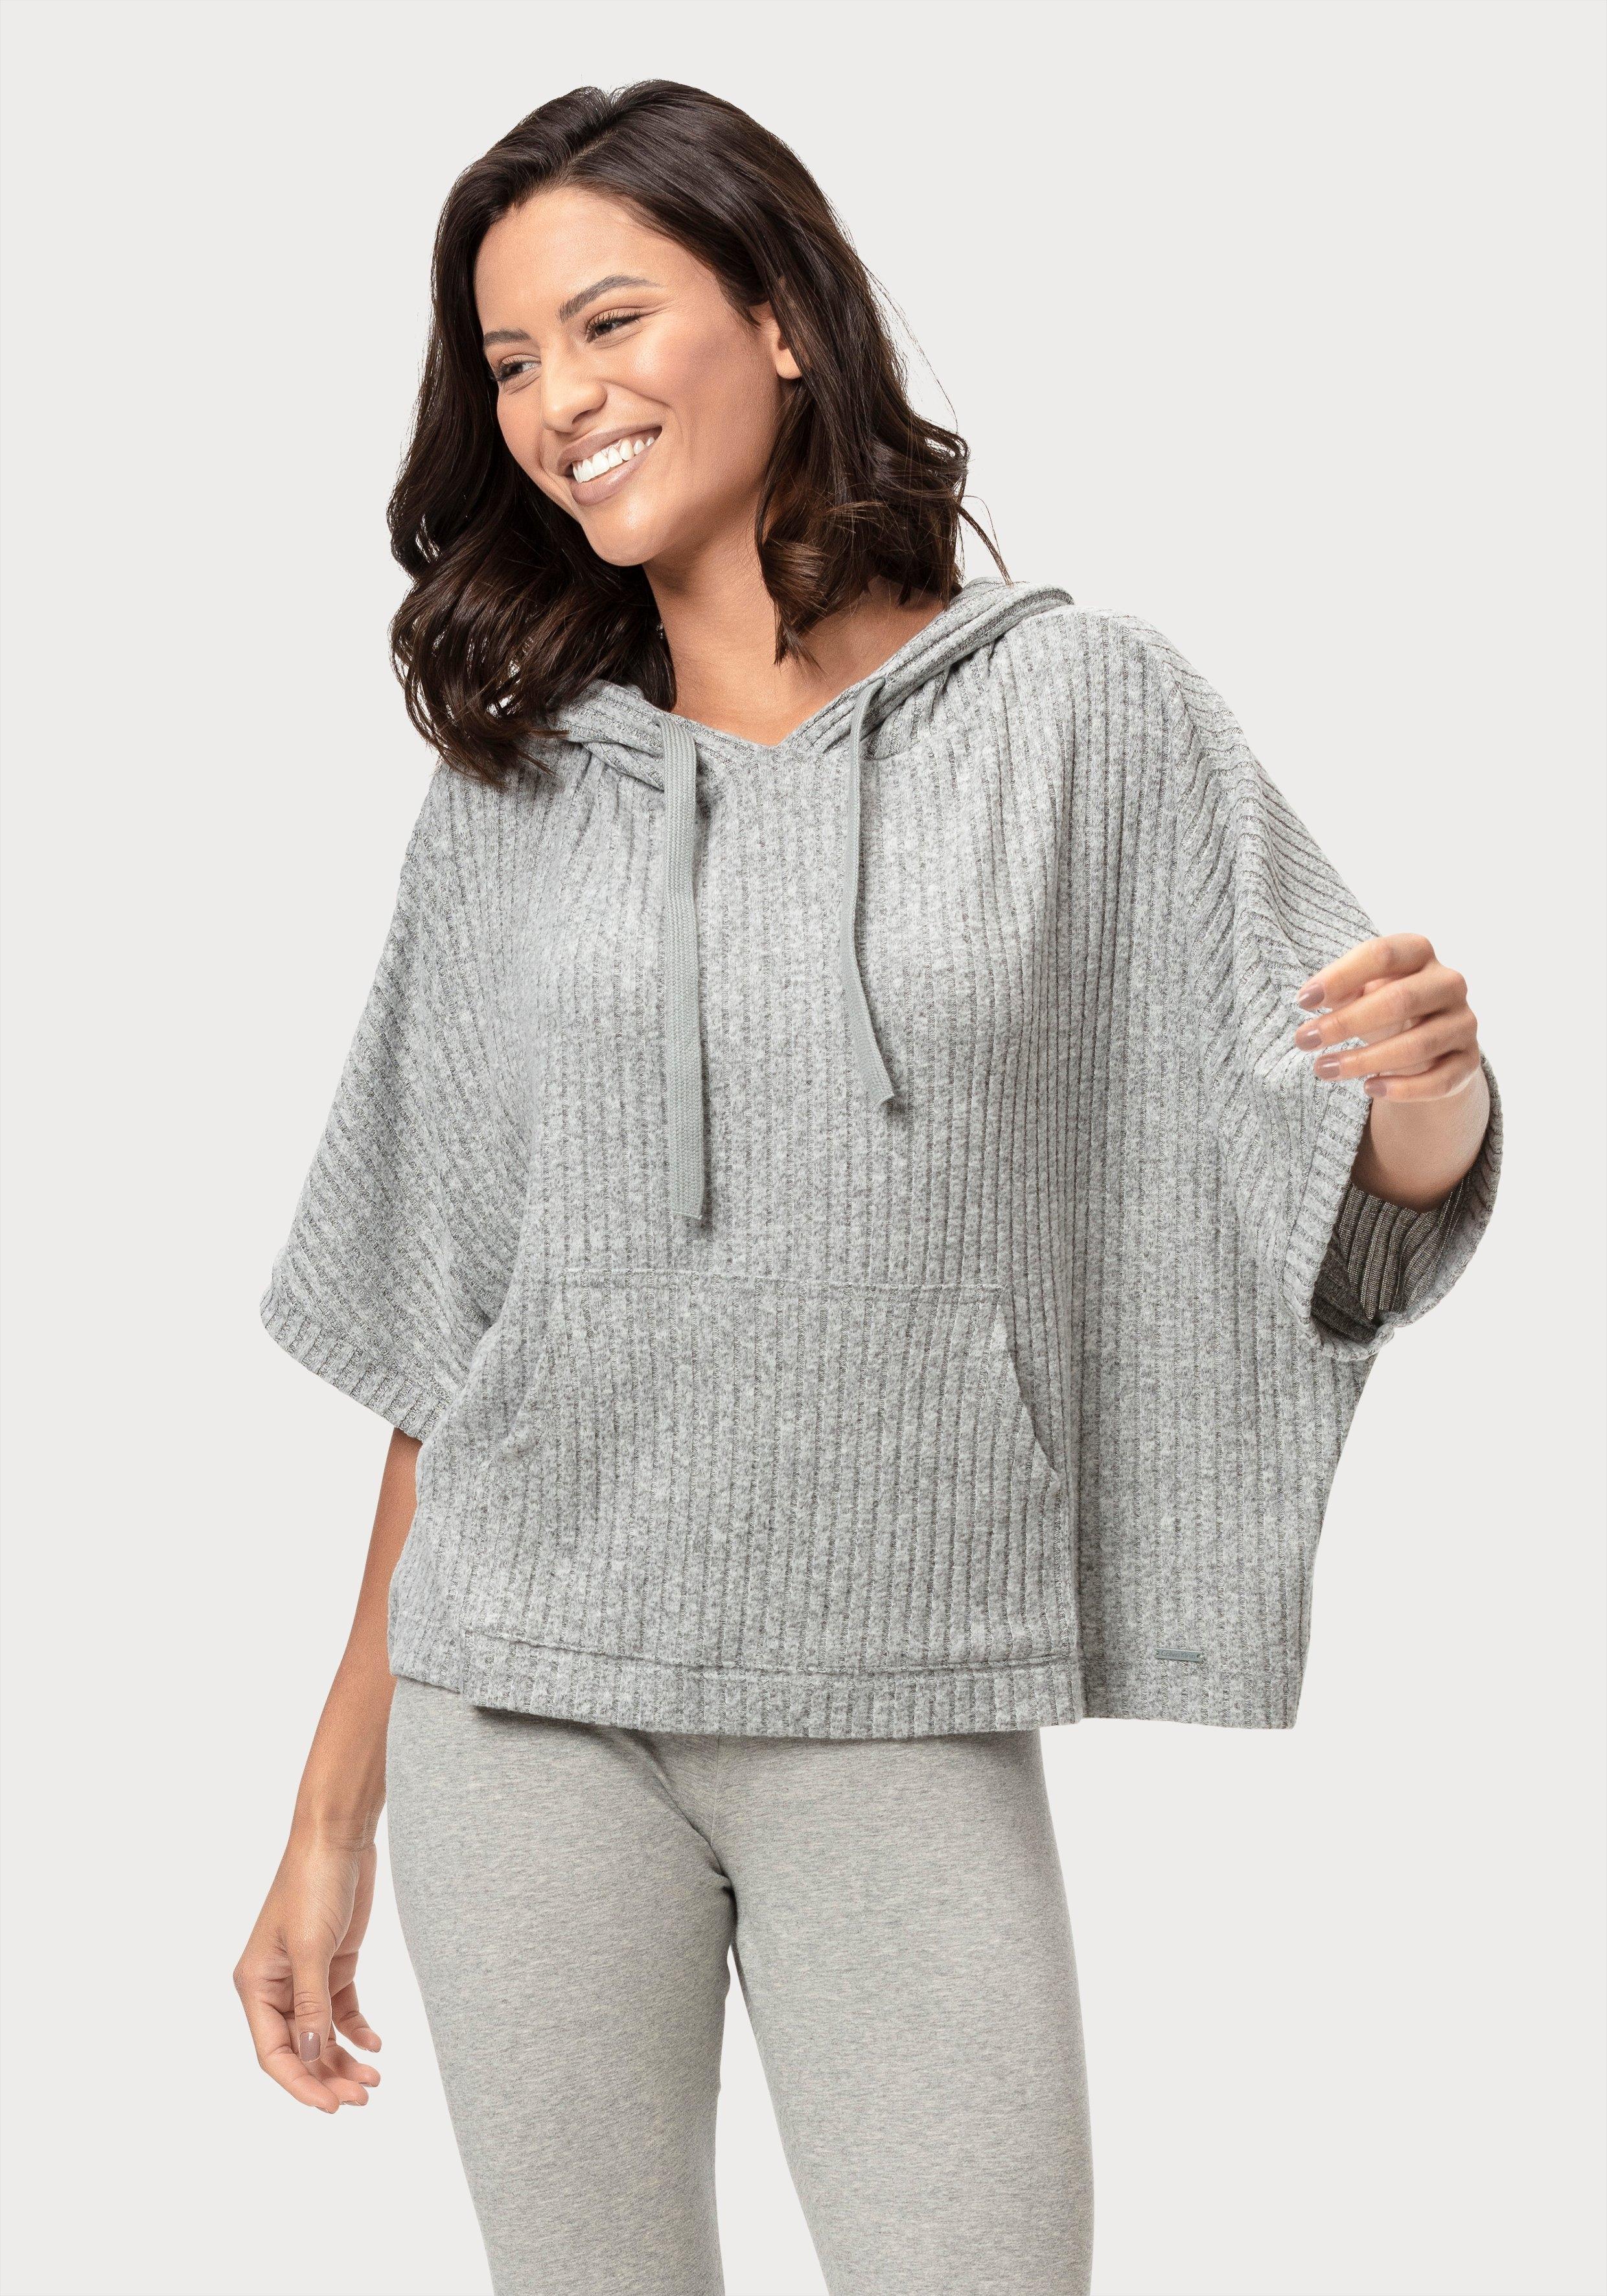 Calvin Klein trui met korte mouwen nu online bestellen